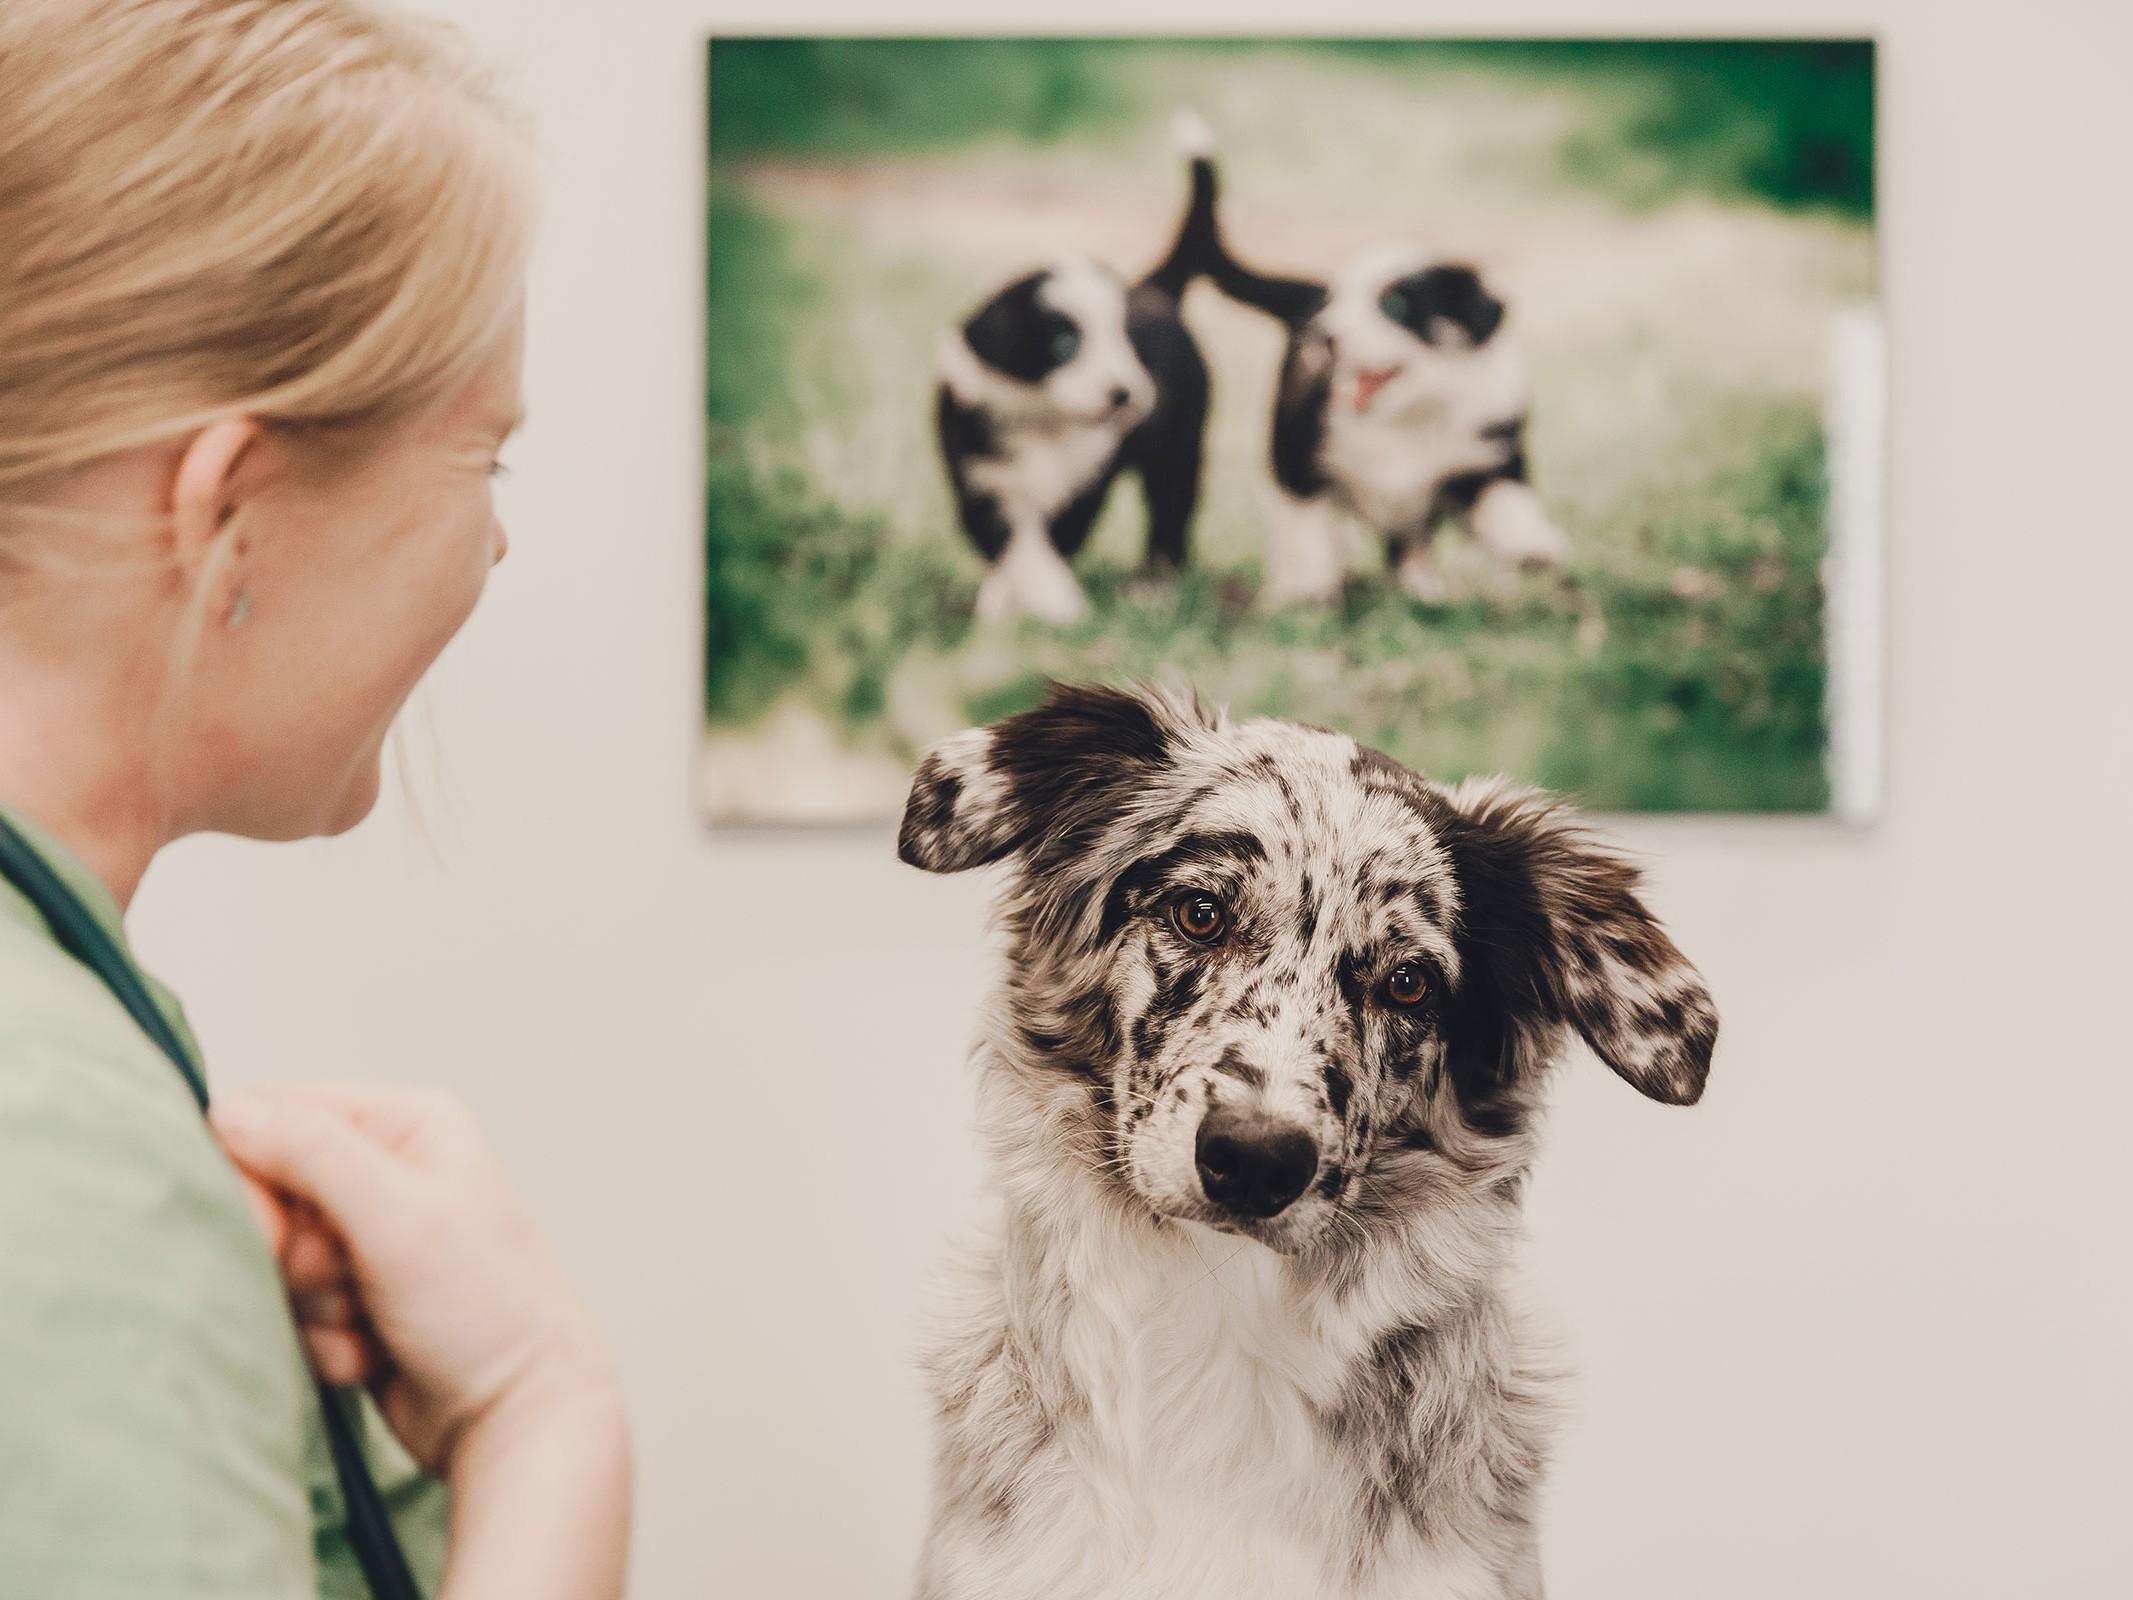 Eläinlääkäriasema Helmen tietoartikkelit - Koiran ksylitolimyrkytys